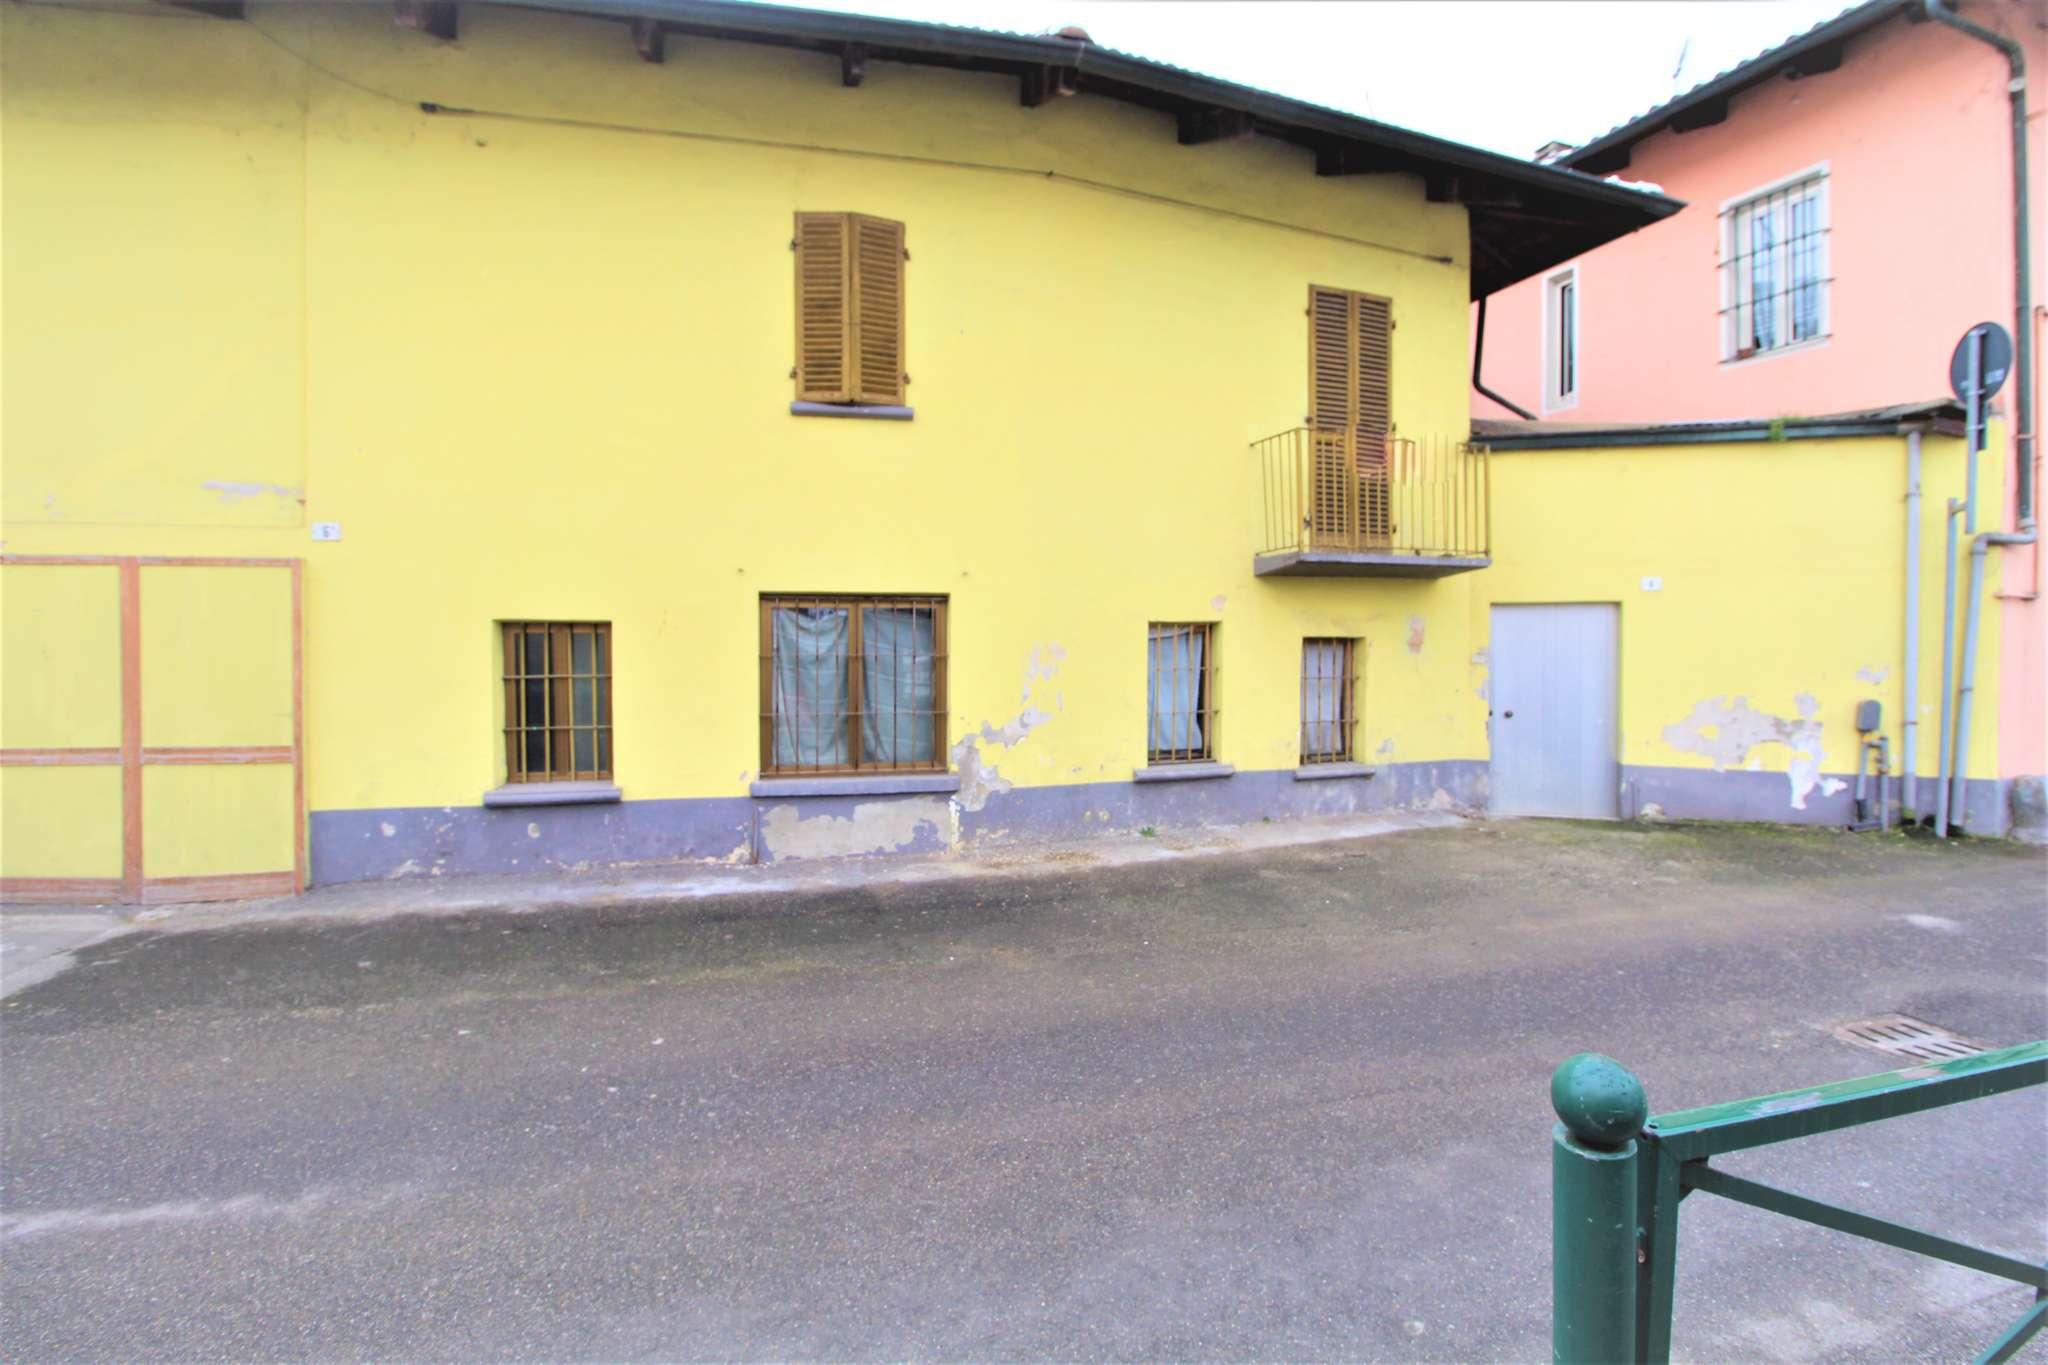 Rustico / Casale in vendita a La Loggia, 6 locali, prezzo € 89.000   PortaleAgenzieImmobiliari.it